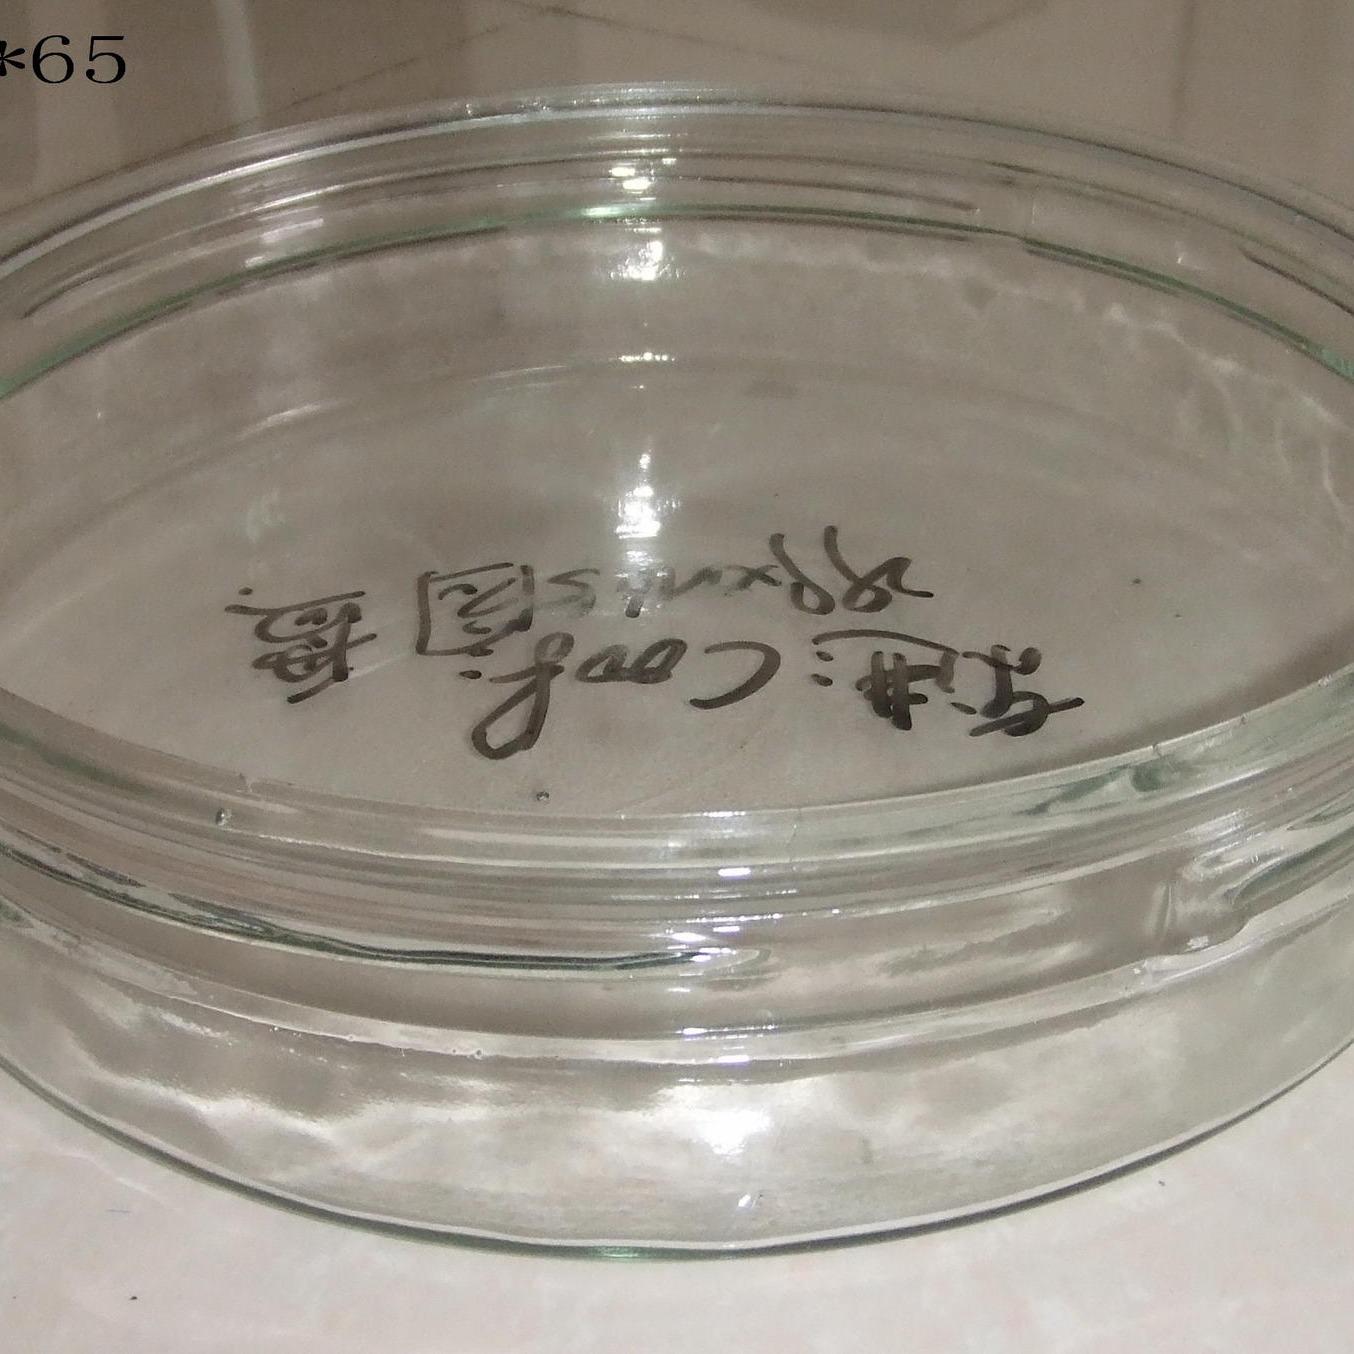 麗瑩專業定制各種高品質壓吹玻璃燈罩清光玻璃燈罩